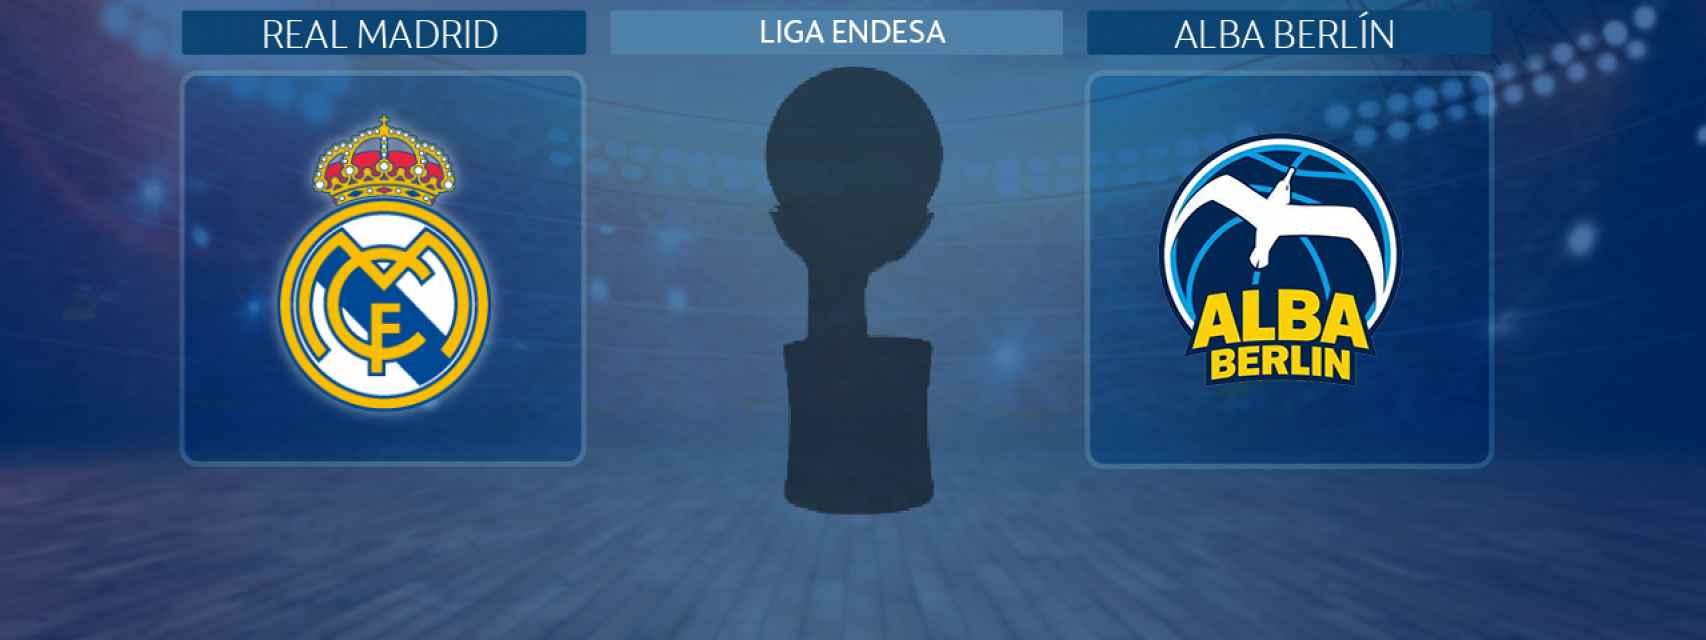 Real Madrid - Alba Berlín, partido de la Liga Endesa